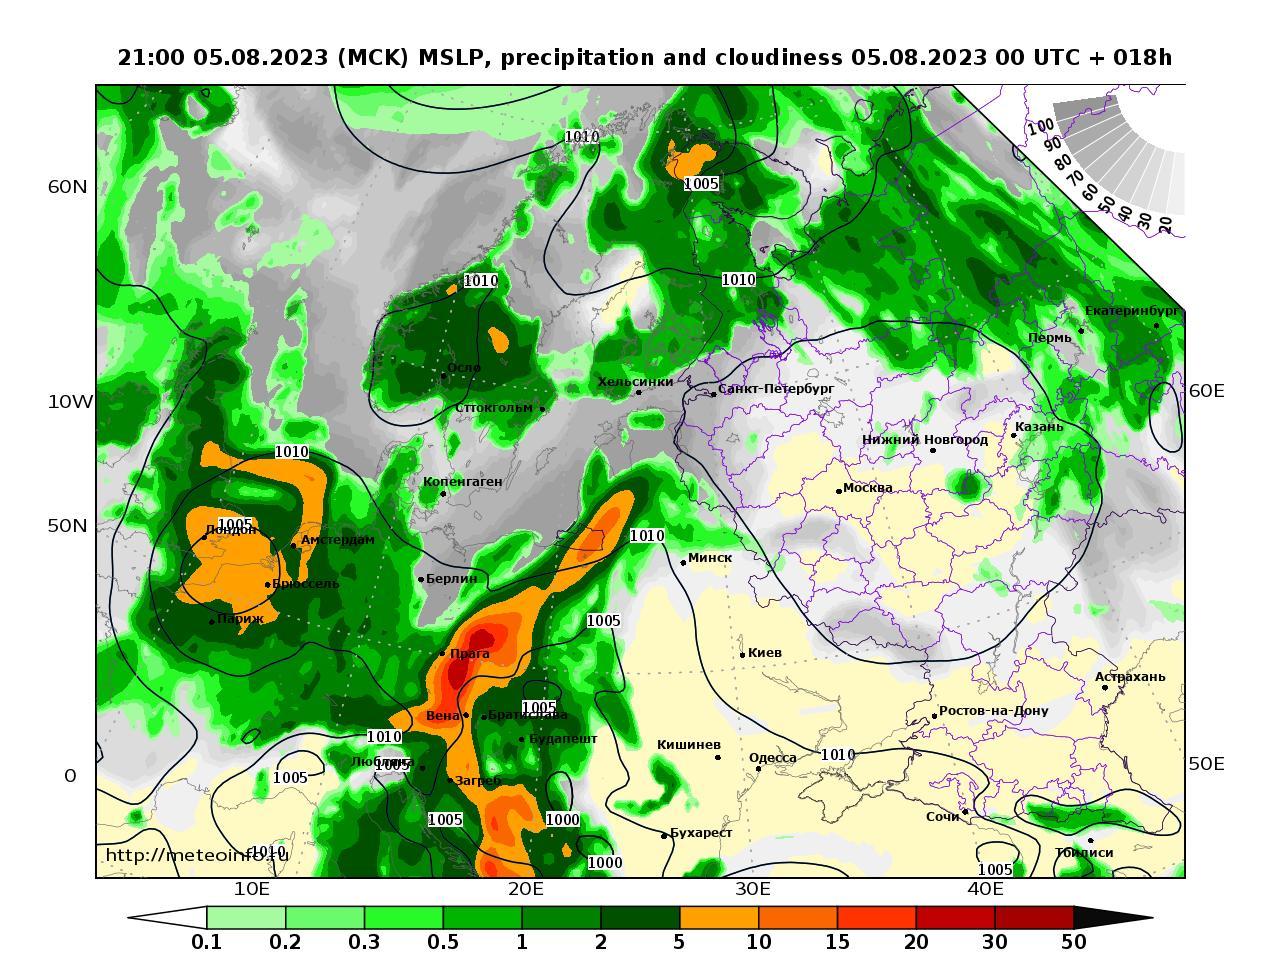 Европейская территория России, прогностическая карта осадки и давление, заблаговременность прогноза 18 часов